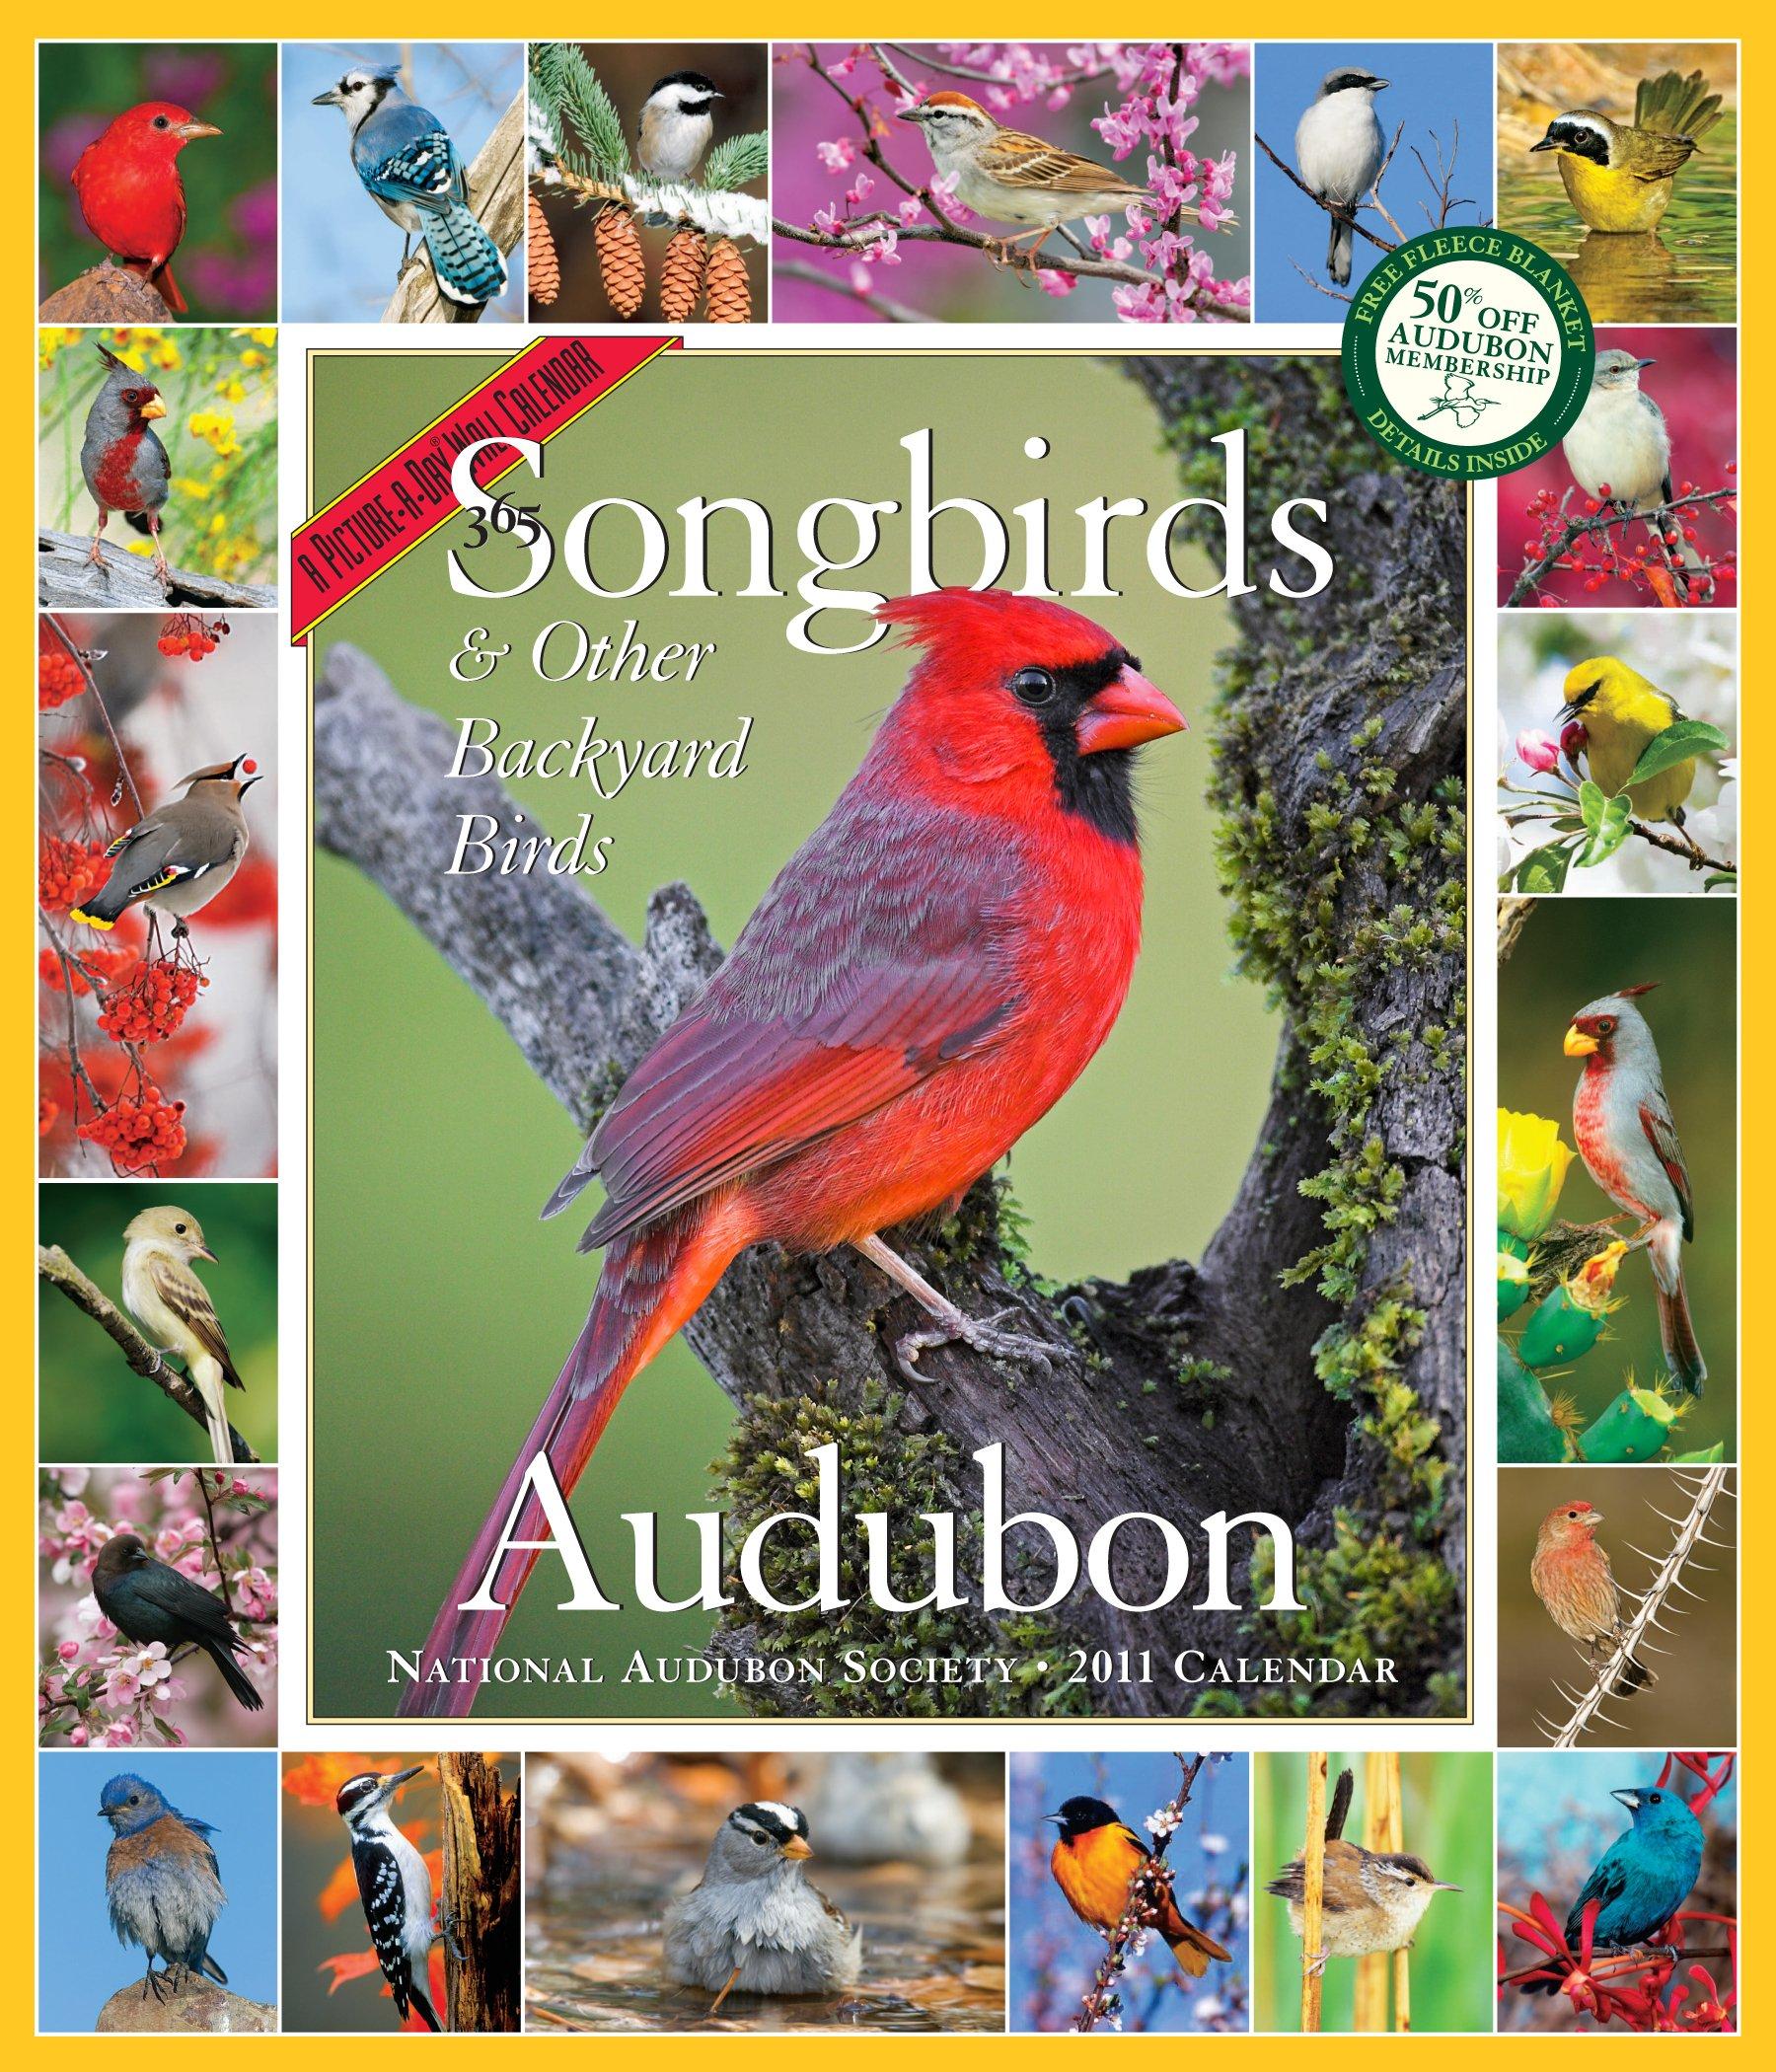 Audubon 365 Songbirds Calendar 2011 (Picture-A-Day Wall Calendars)